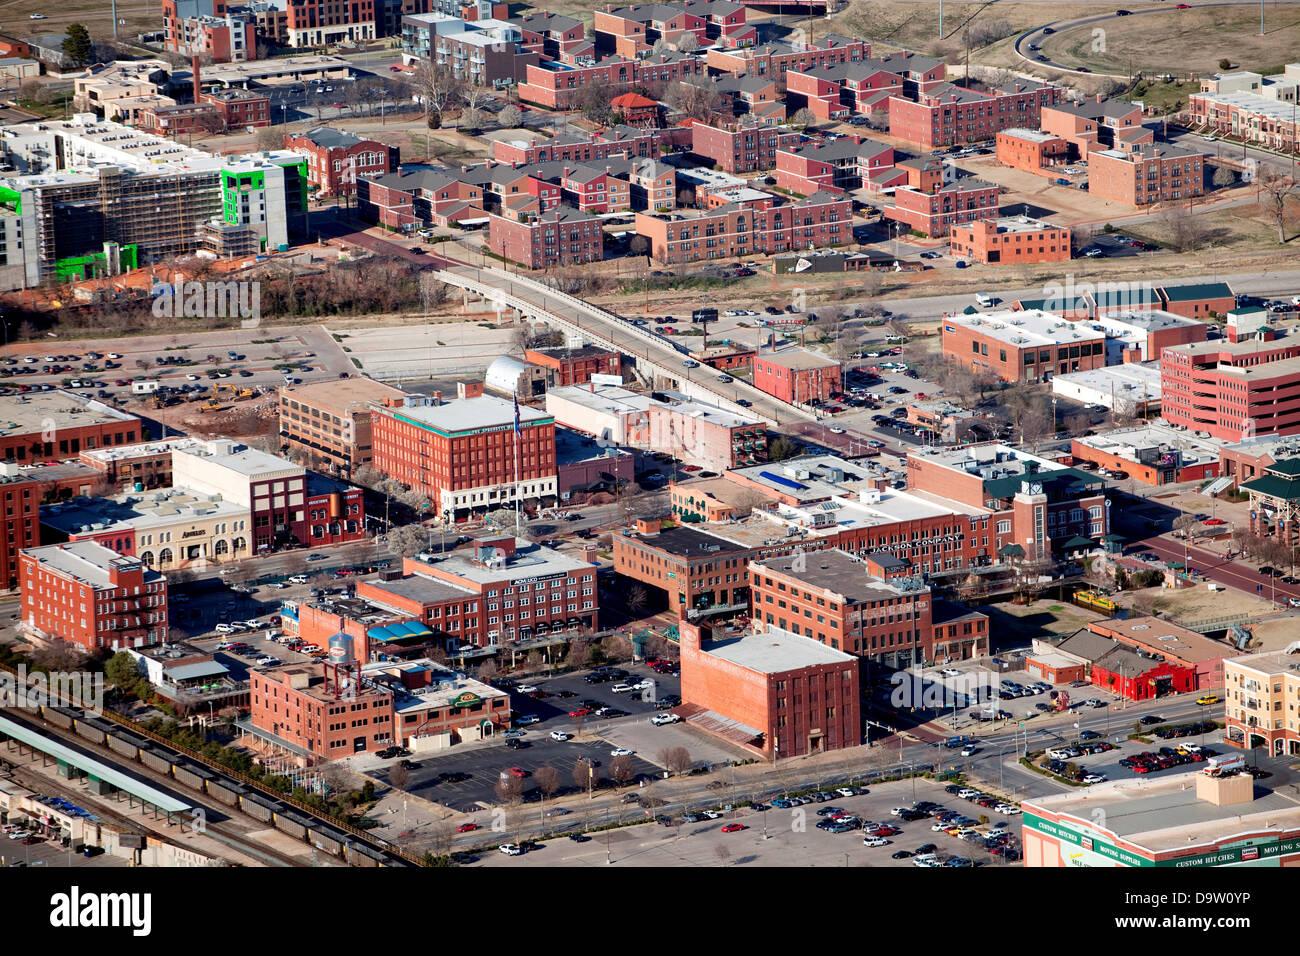 10 lugares del Mundo que nunca debes visitar Estados-unidos-oklahoma-oklahoma-city-por-encima-de-bricktown-zona-de-entretenimiento-y-profundo-deuce-distrito-residencial-en-el-centro-de-la-ciudad-d9w0yp